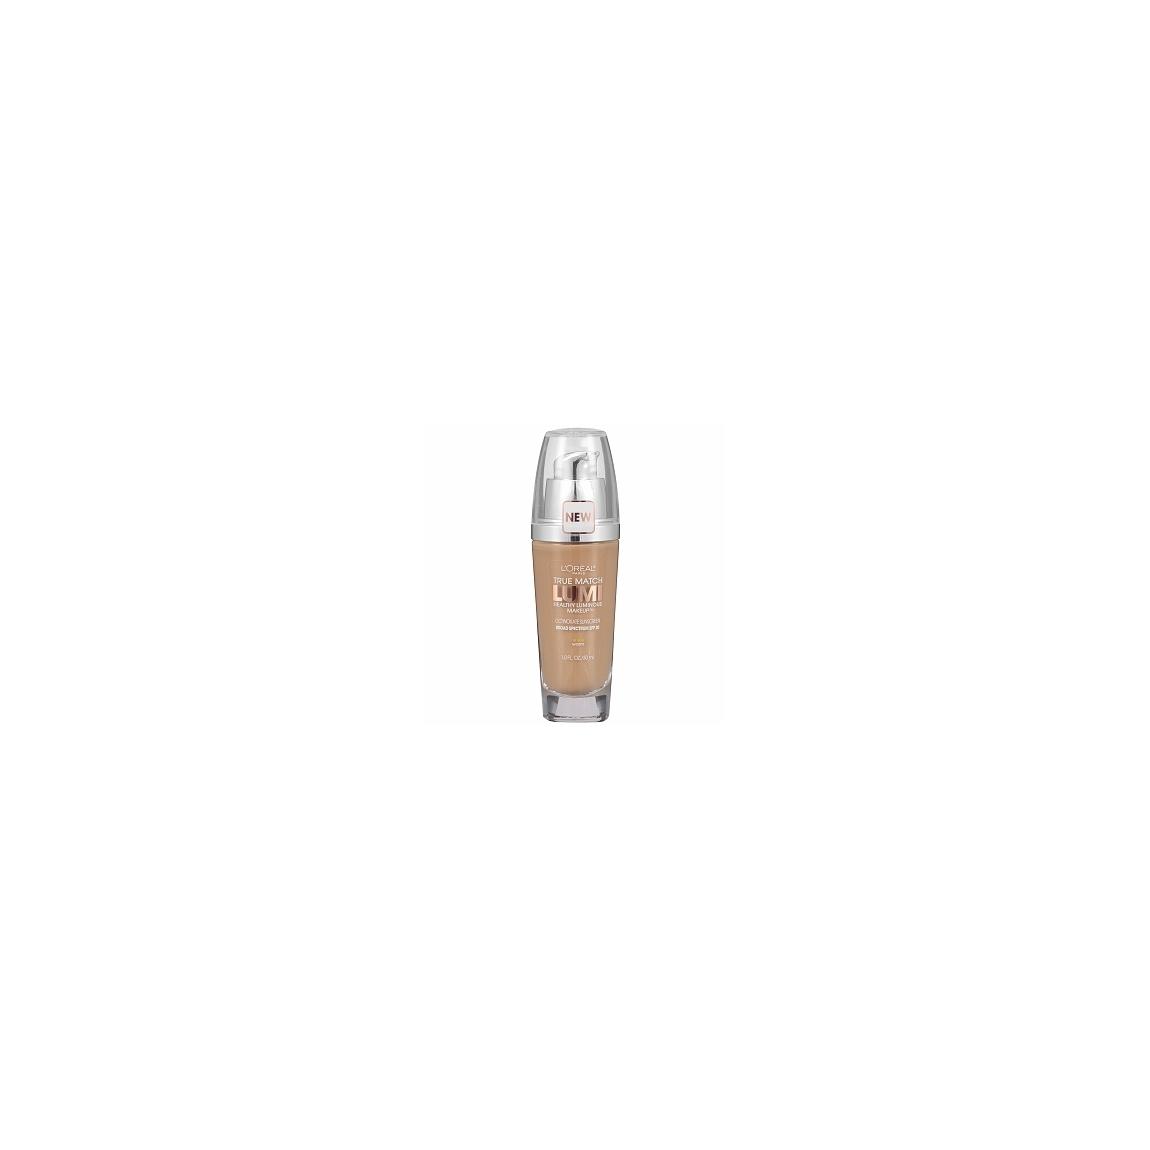 L'Oréal · True Match Lumi Healthy Luminous Makeup SPF 20